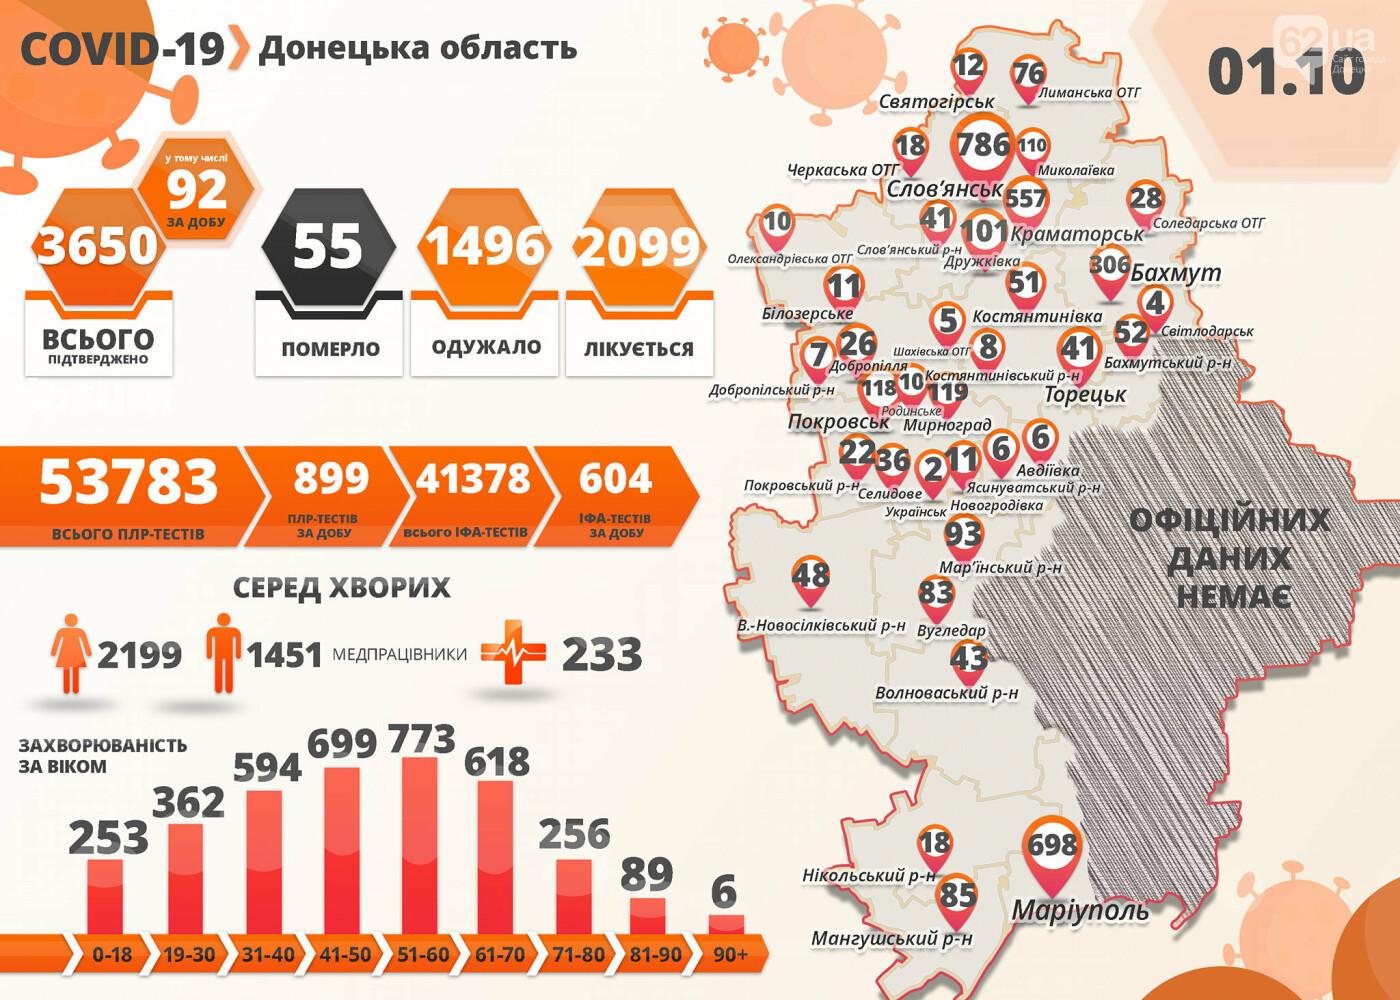 В Донецкой области 92 случая коронавируса за сутки, фото-1